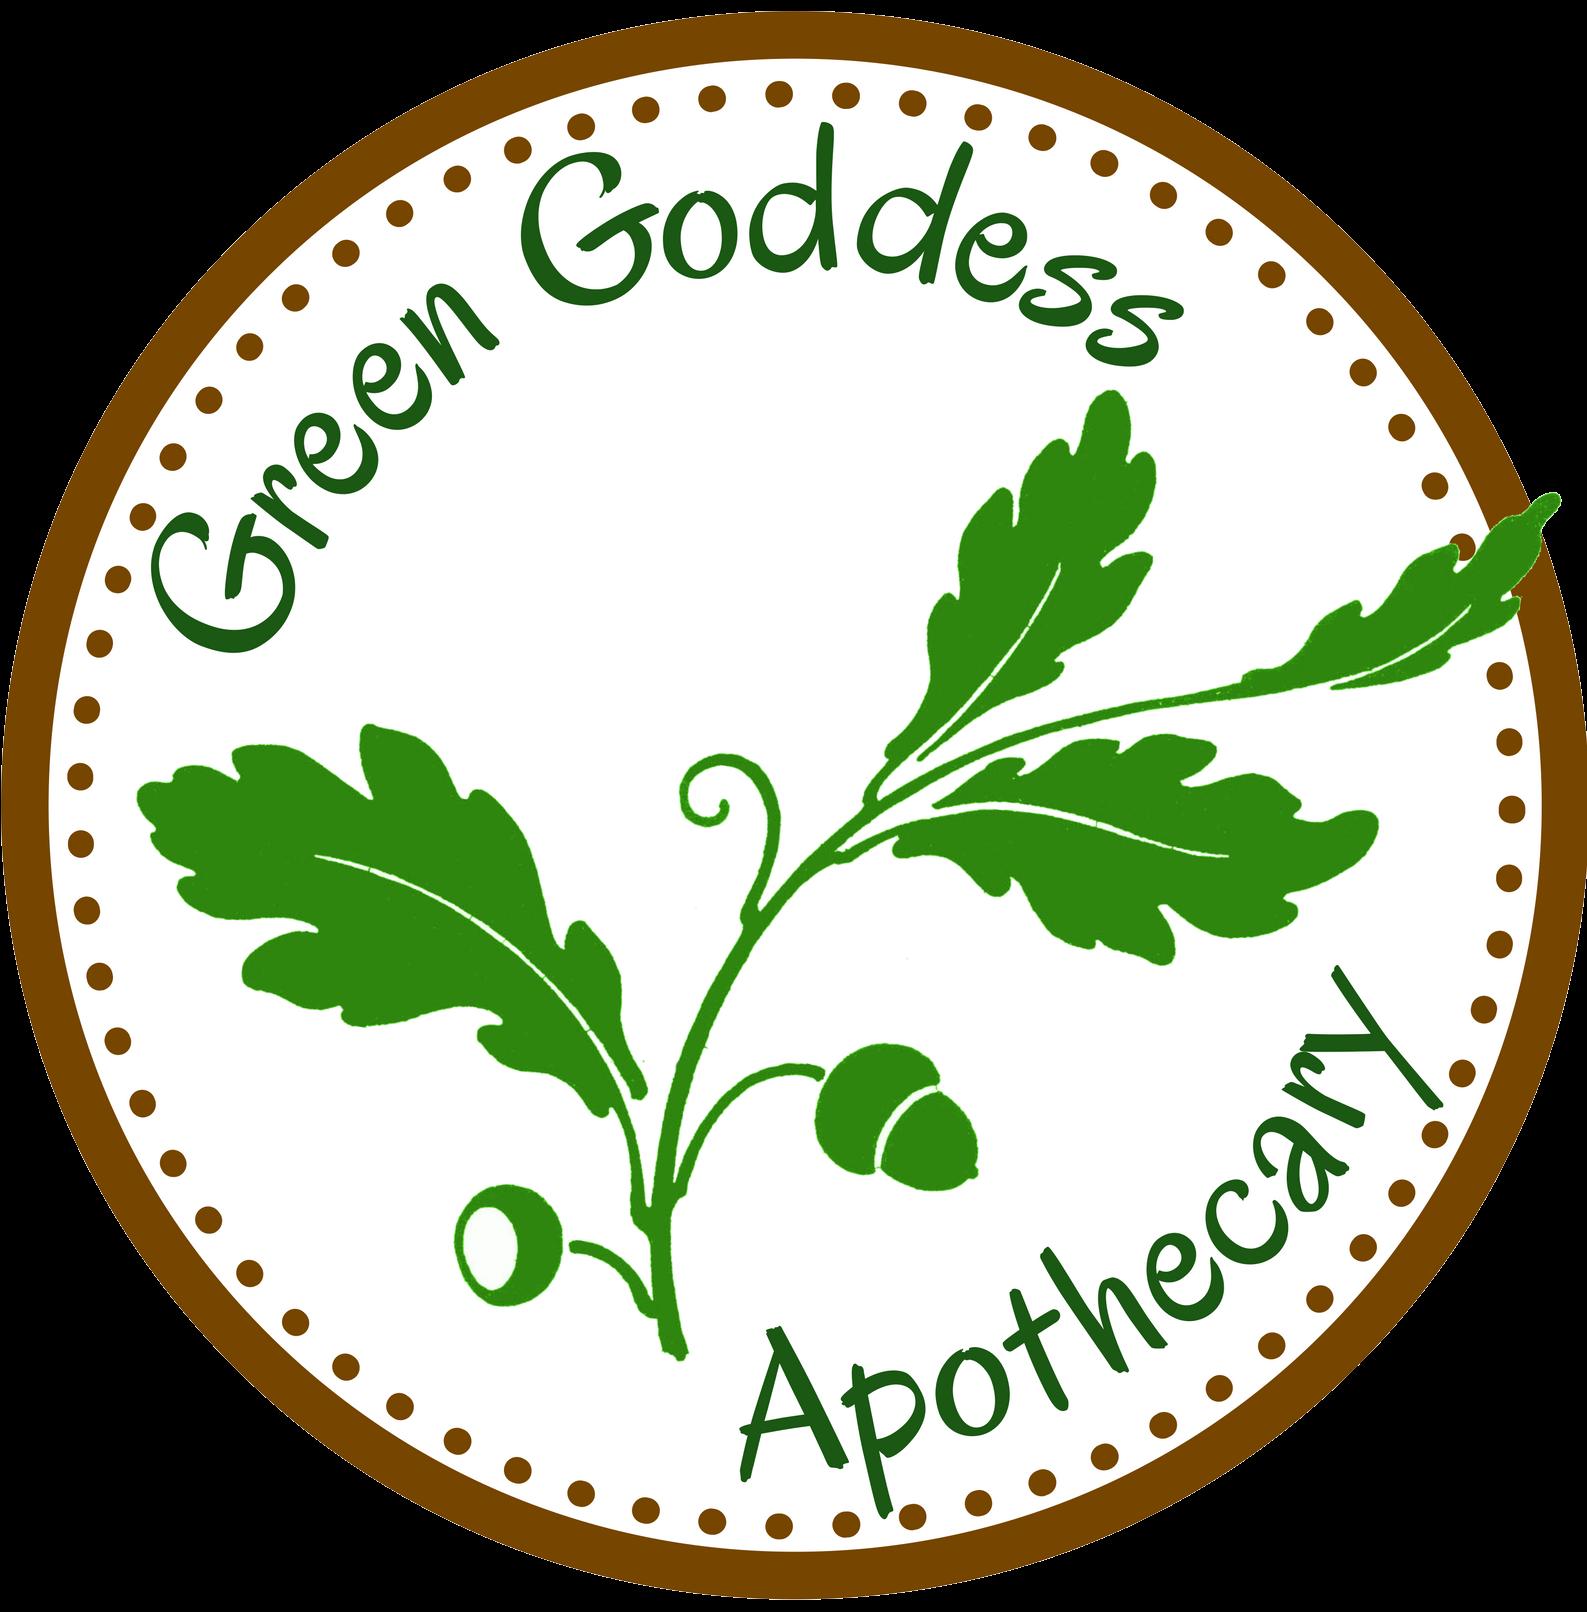 Green Goddess Apothecary